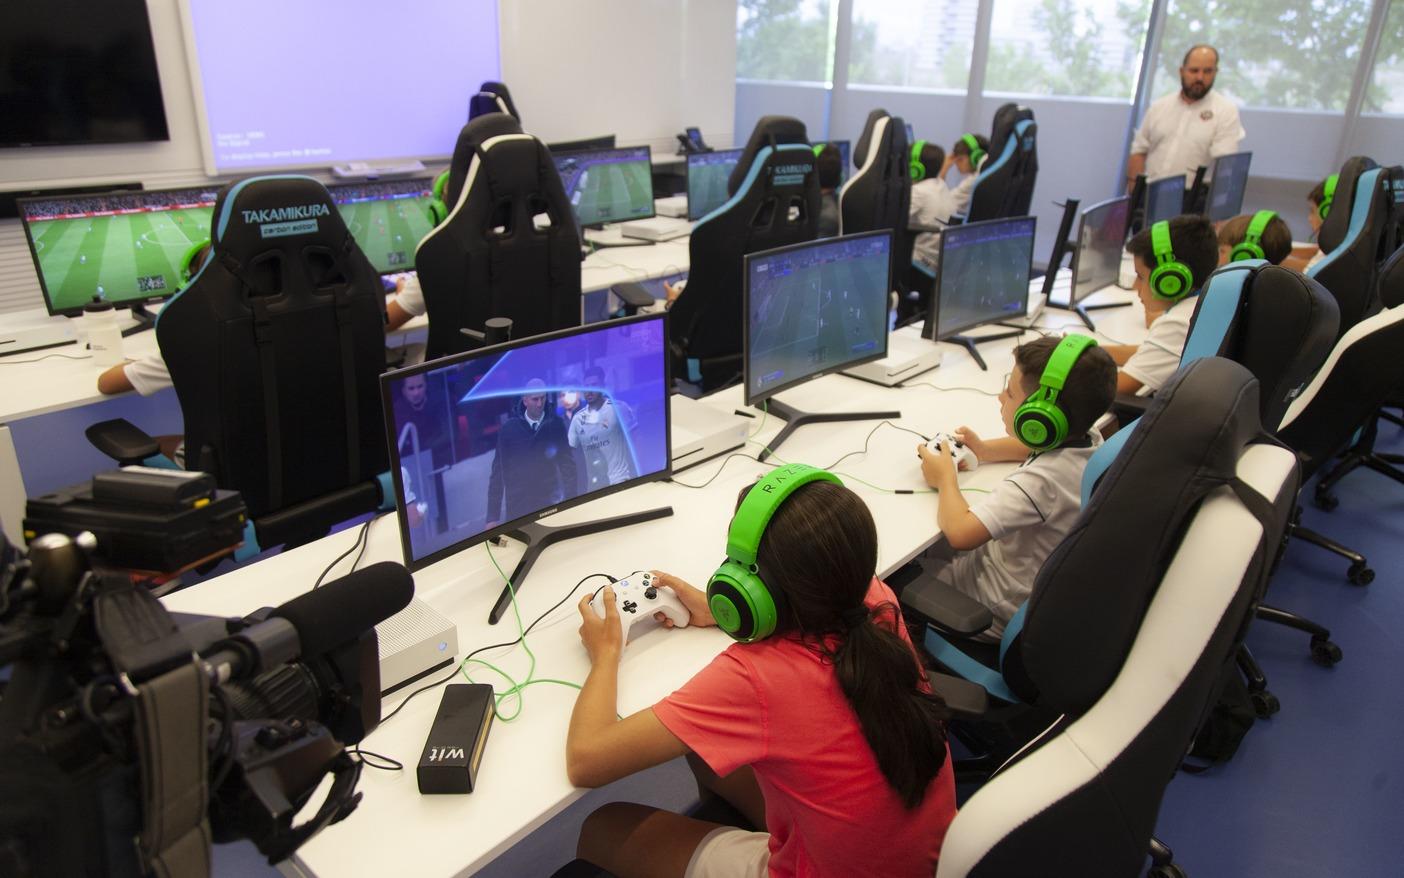 PantallasAmigas educación en valores y para el gaming responsable